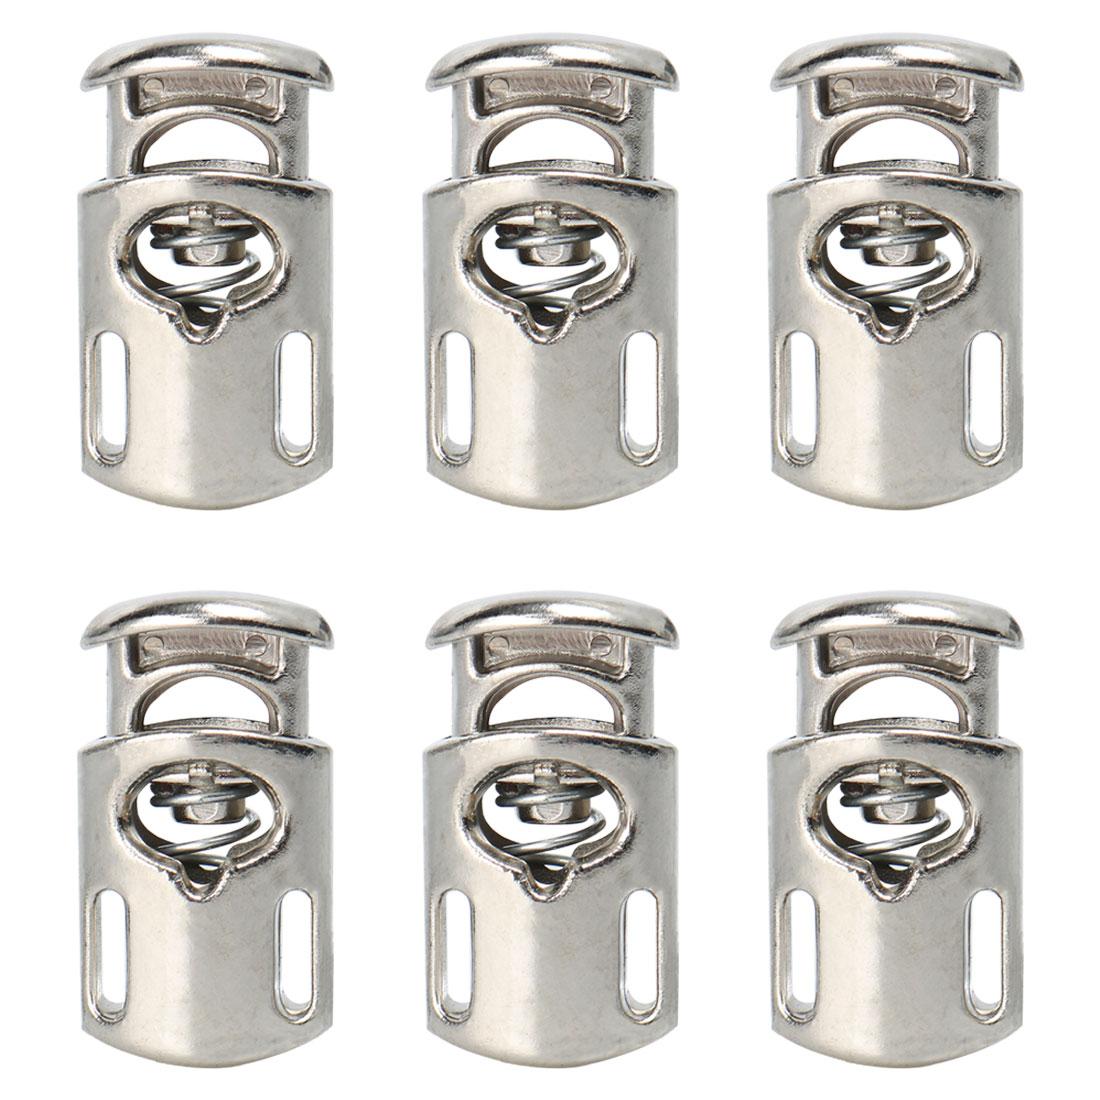 6pcs Plastic Cord Lock Stopper Spring Toggle Fastener Organizer Silver Tone